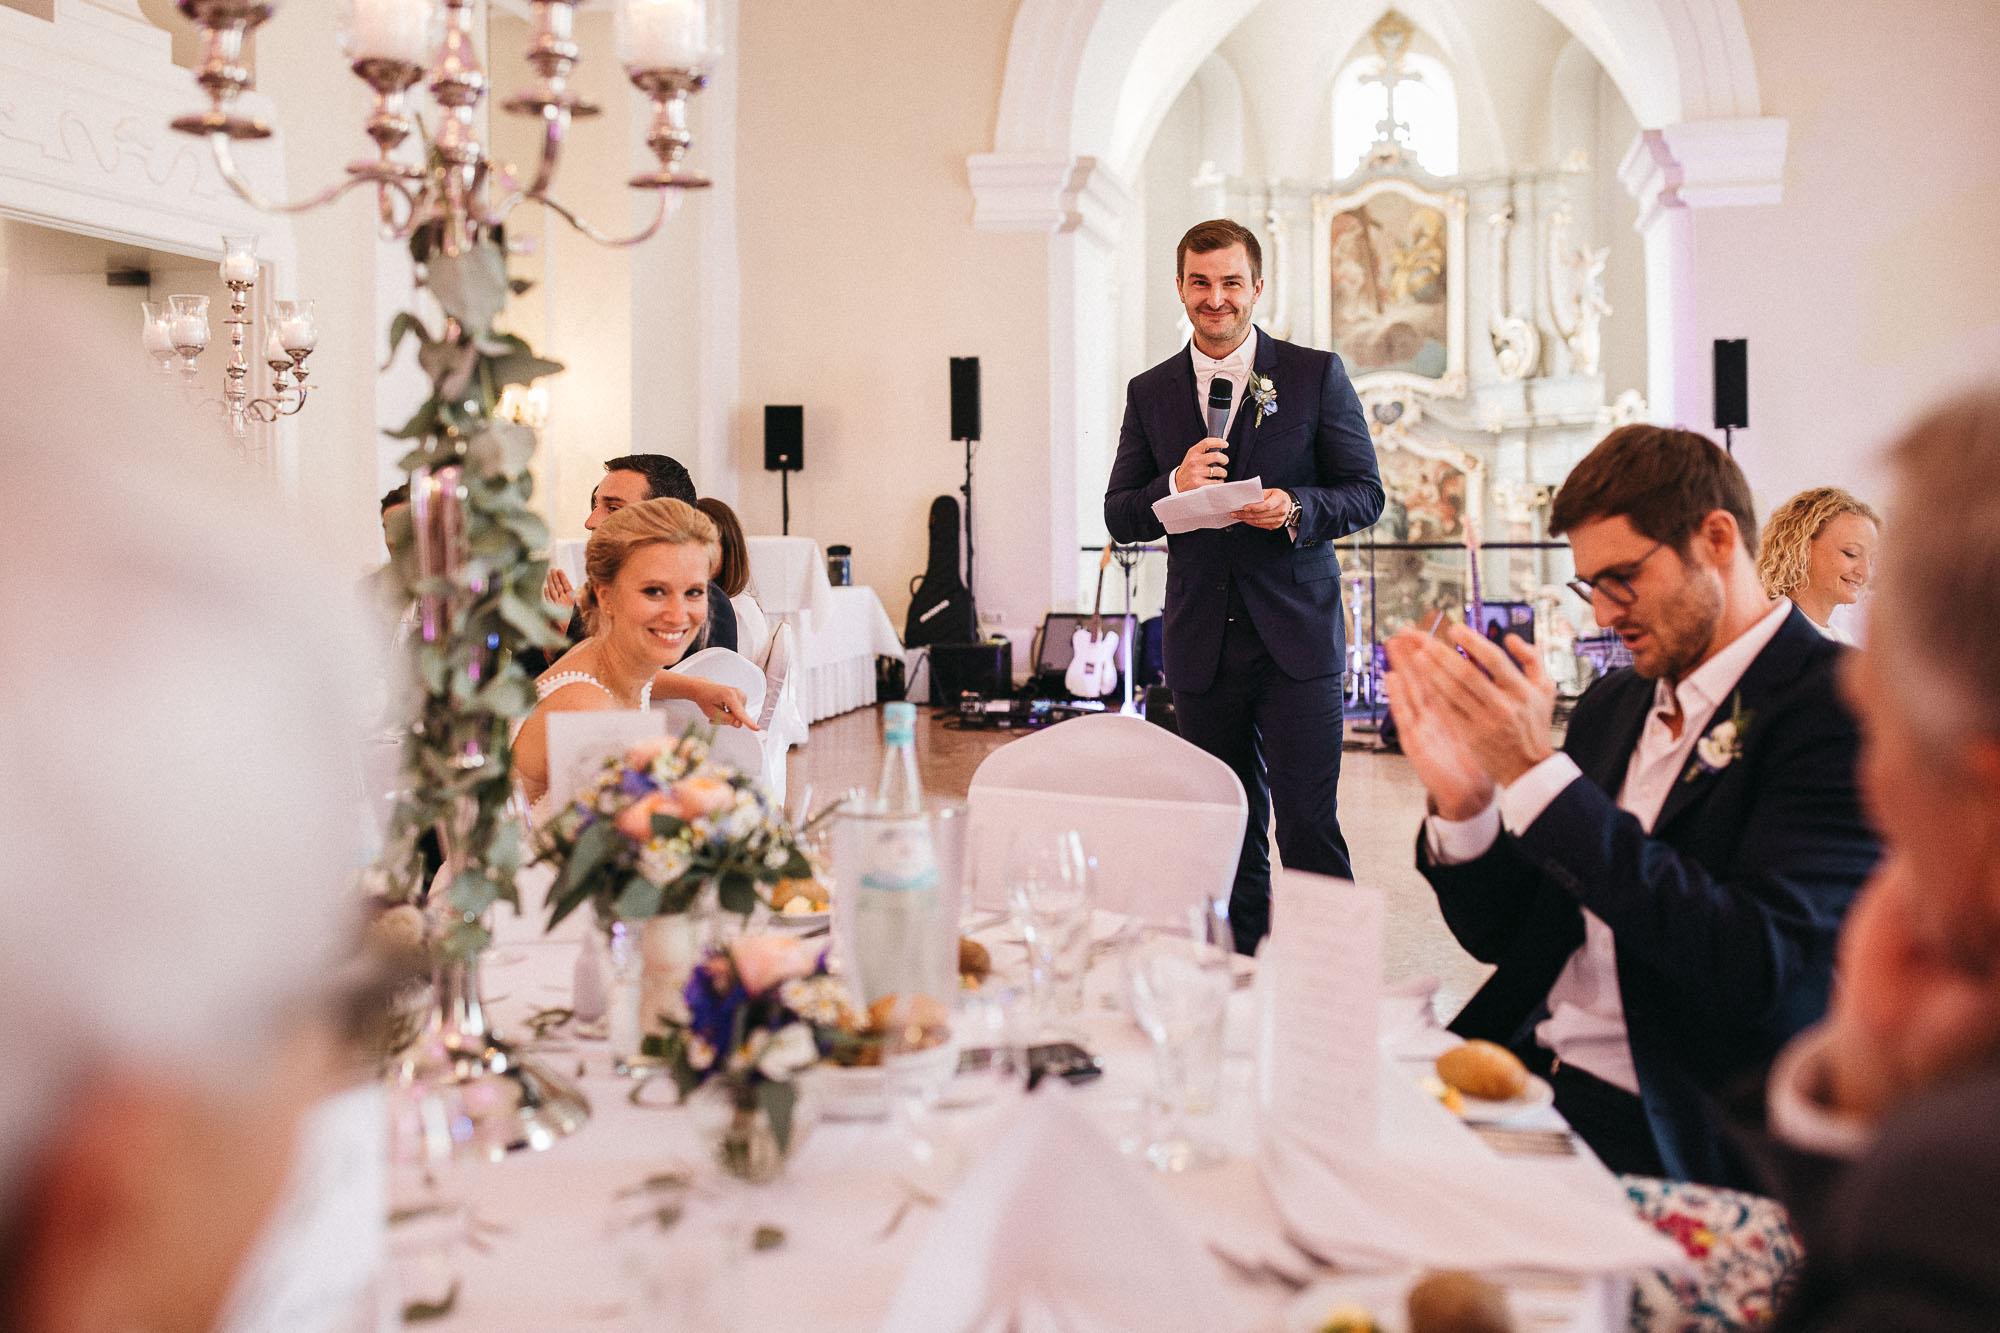 Raissa + Simon Fotografie | Hochzeitsreportage-Regenhochzeit-Rheinland-Pfalz-Kloster-Machern